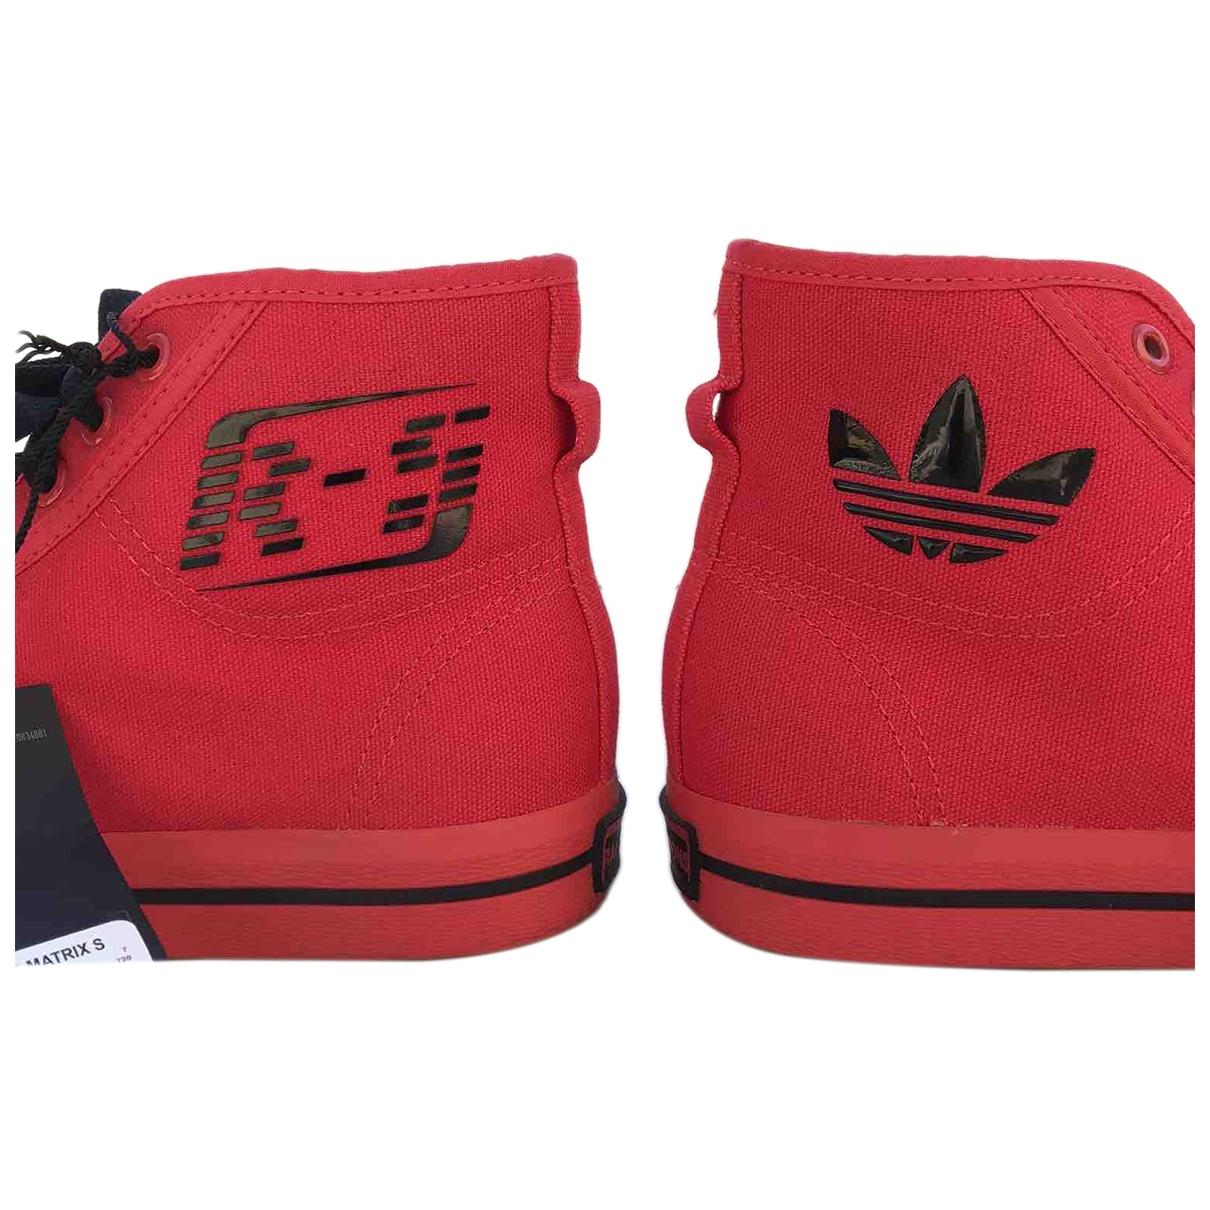 Adidas X Raf Simons - Baskets   pour femme en toile - rouge